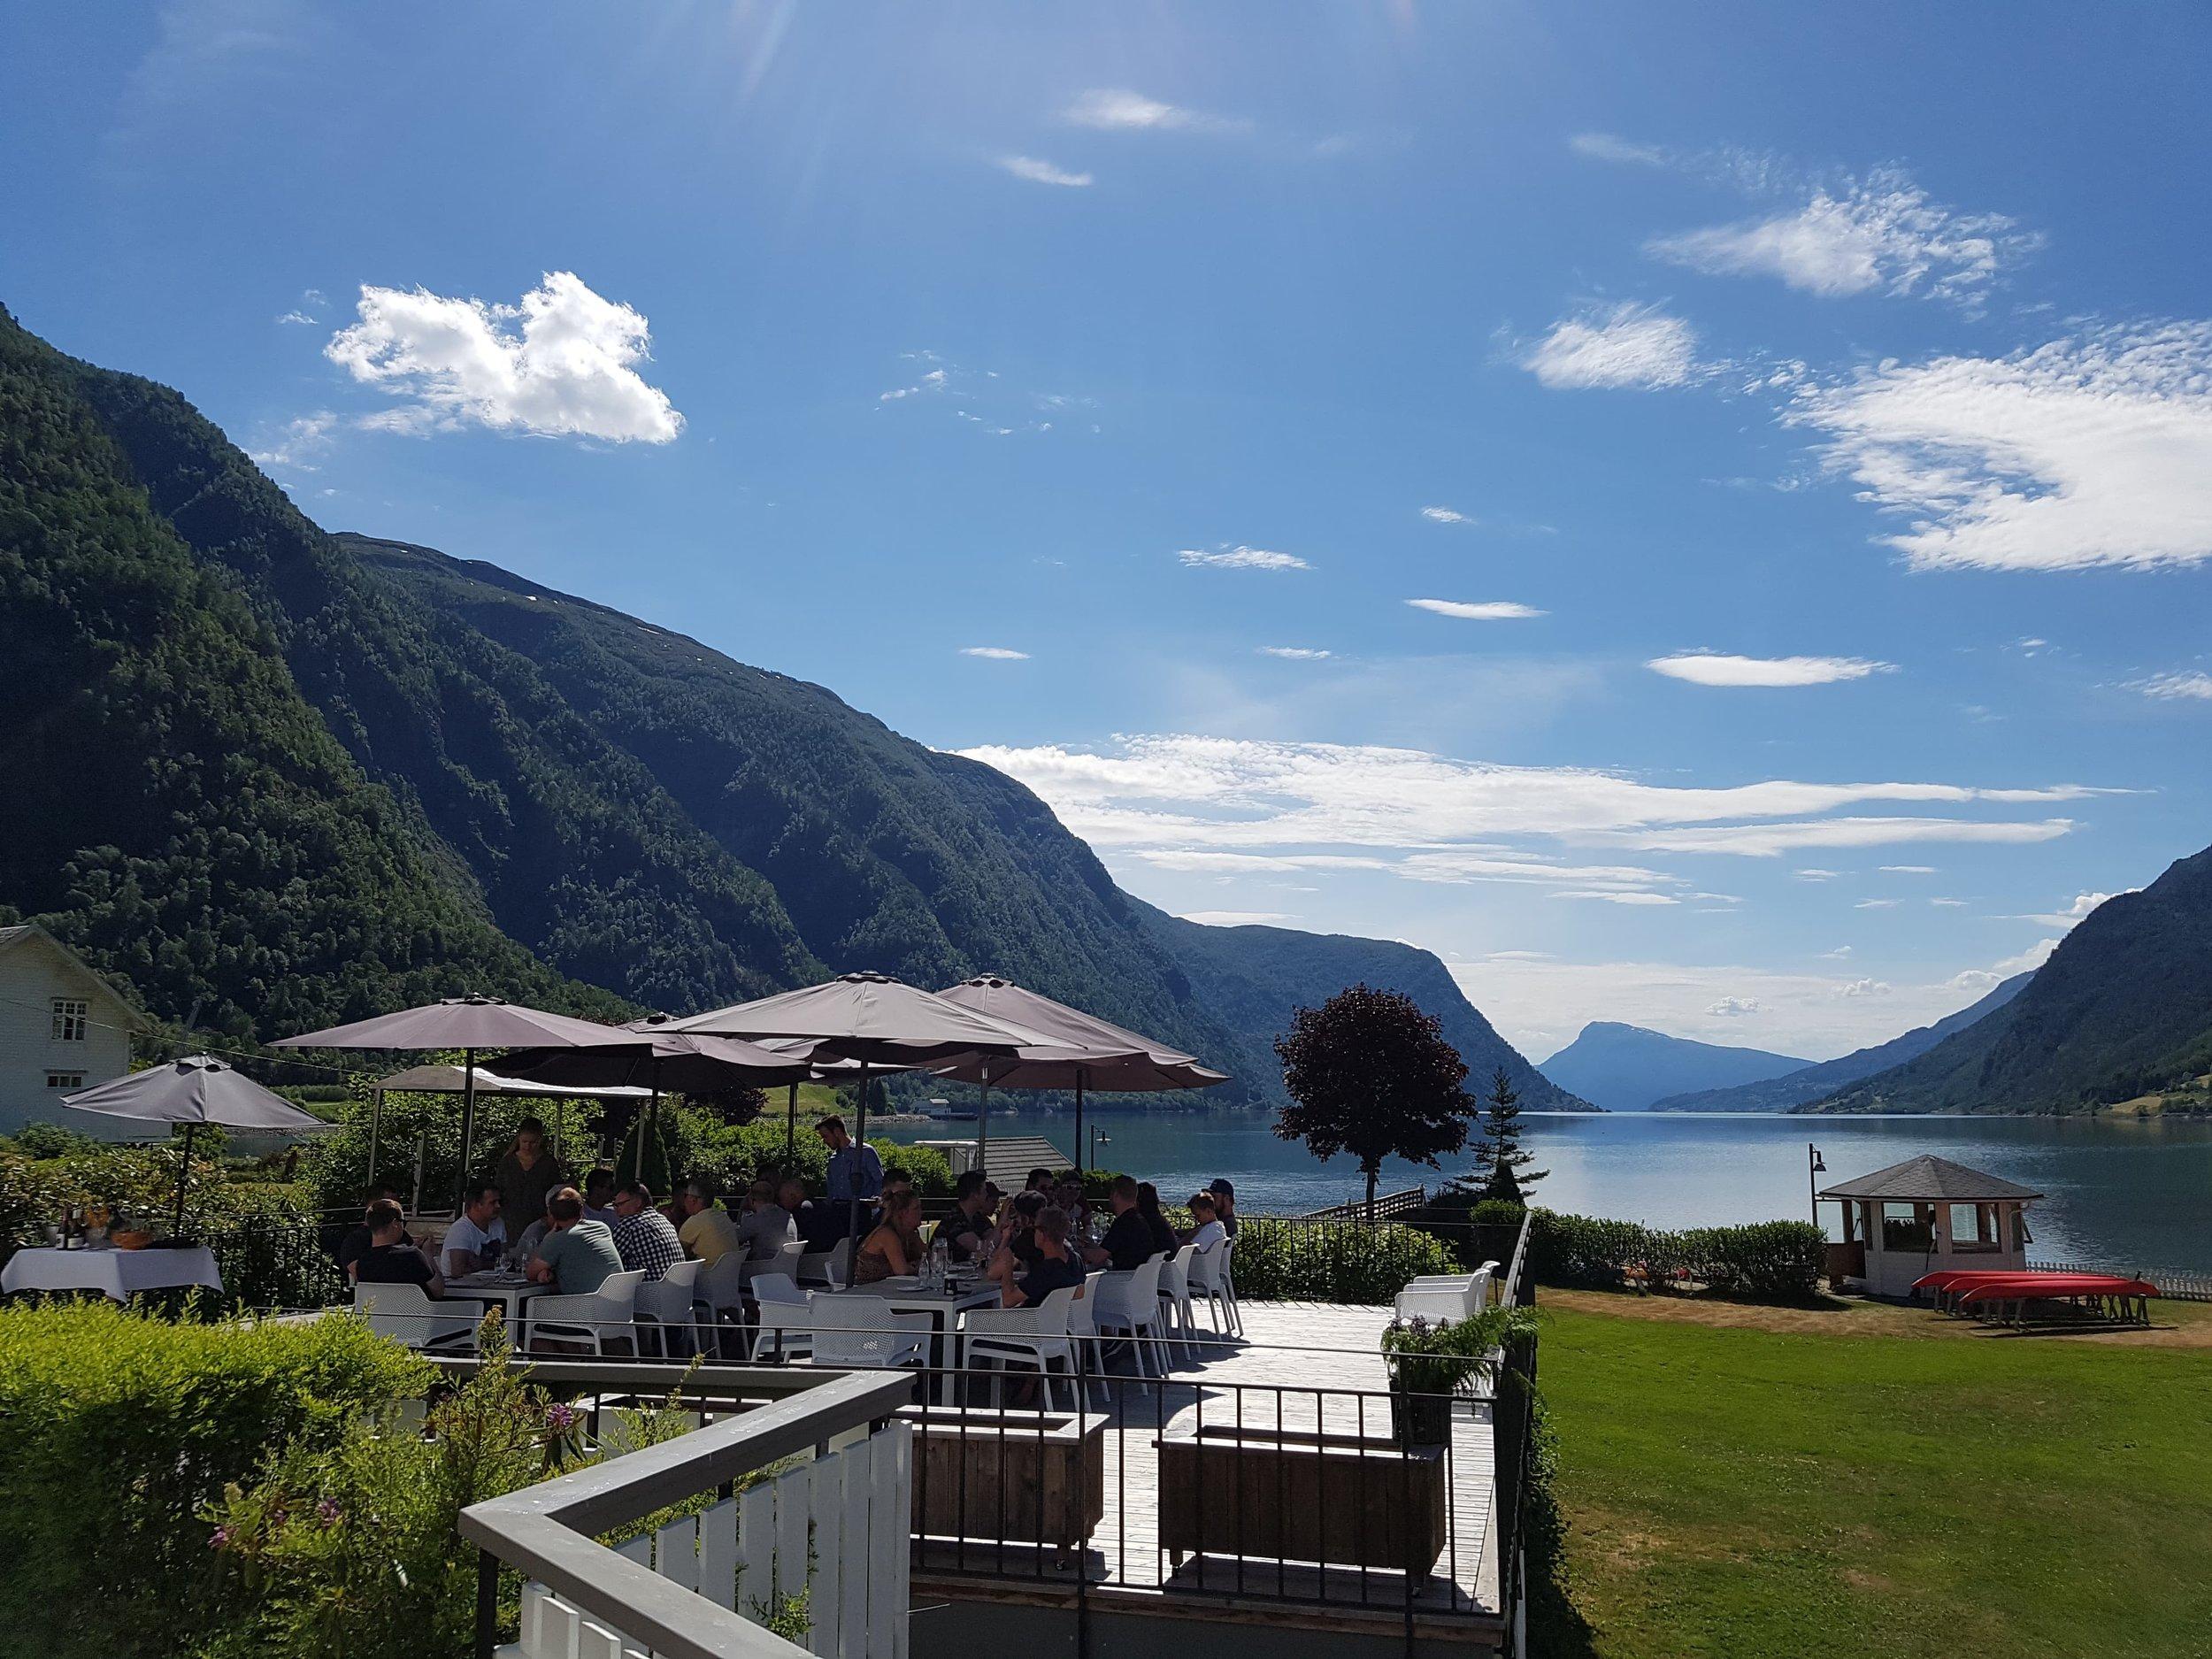 Lunsj på Skjolden hotell - Det blir Lunsjstopp på Skjolden Hotell med fantastisk utsikt! 2 retters måltid.